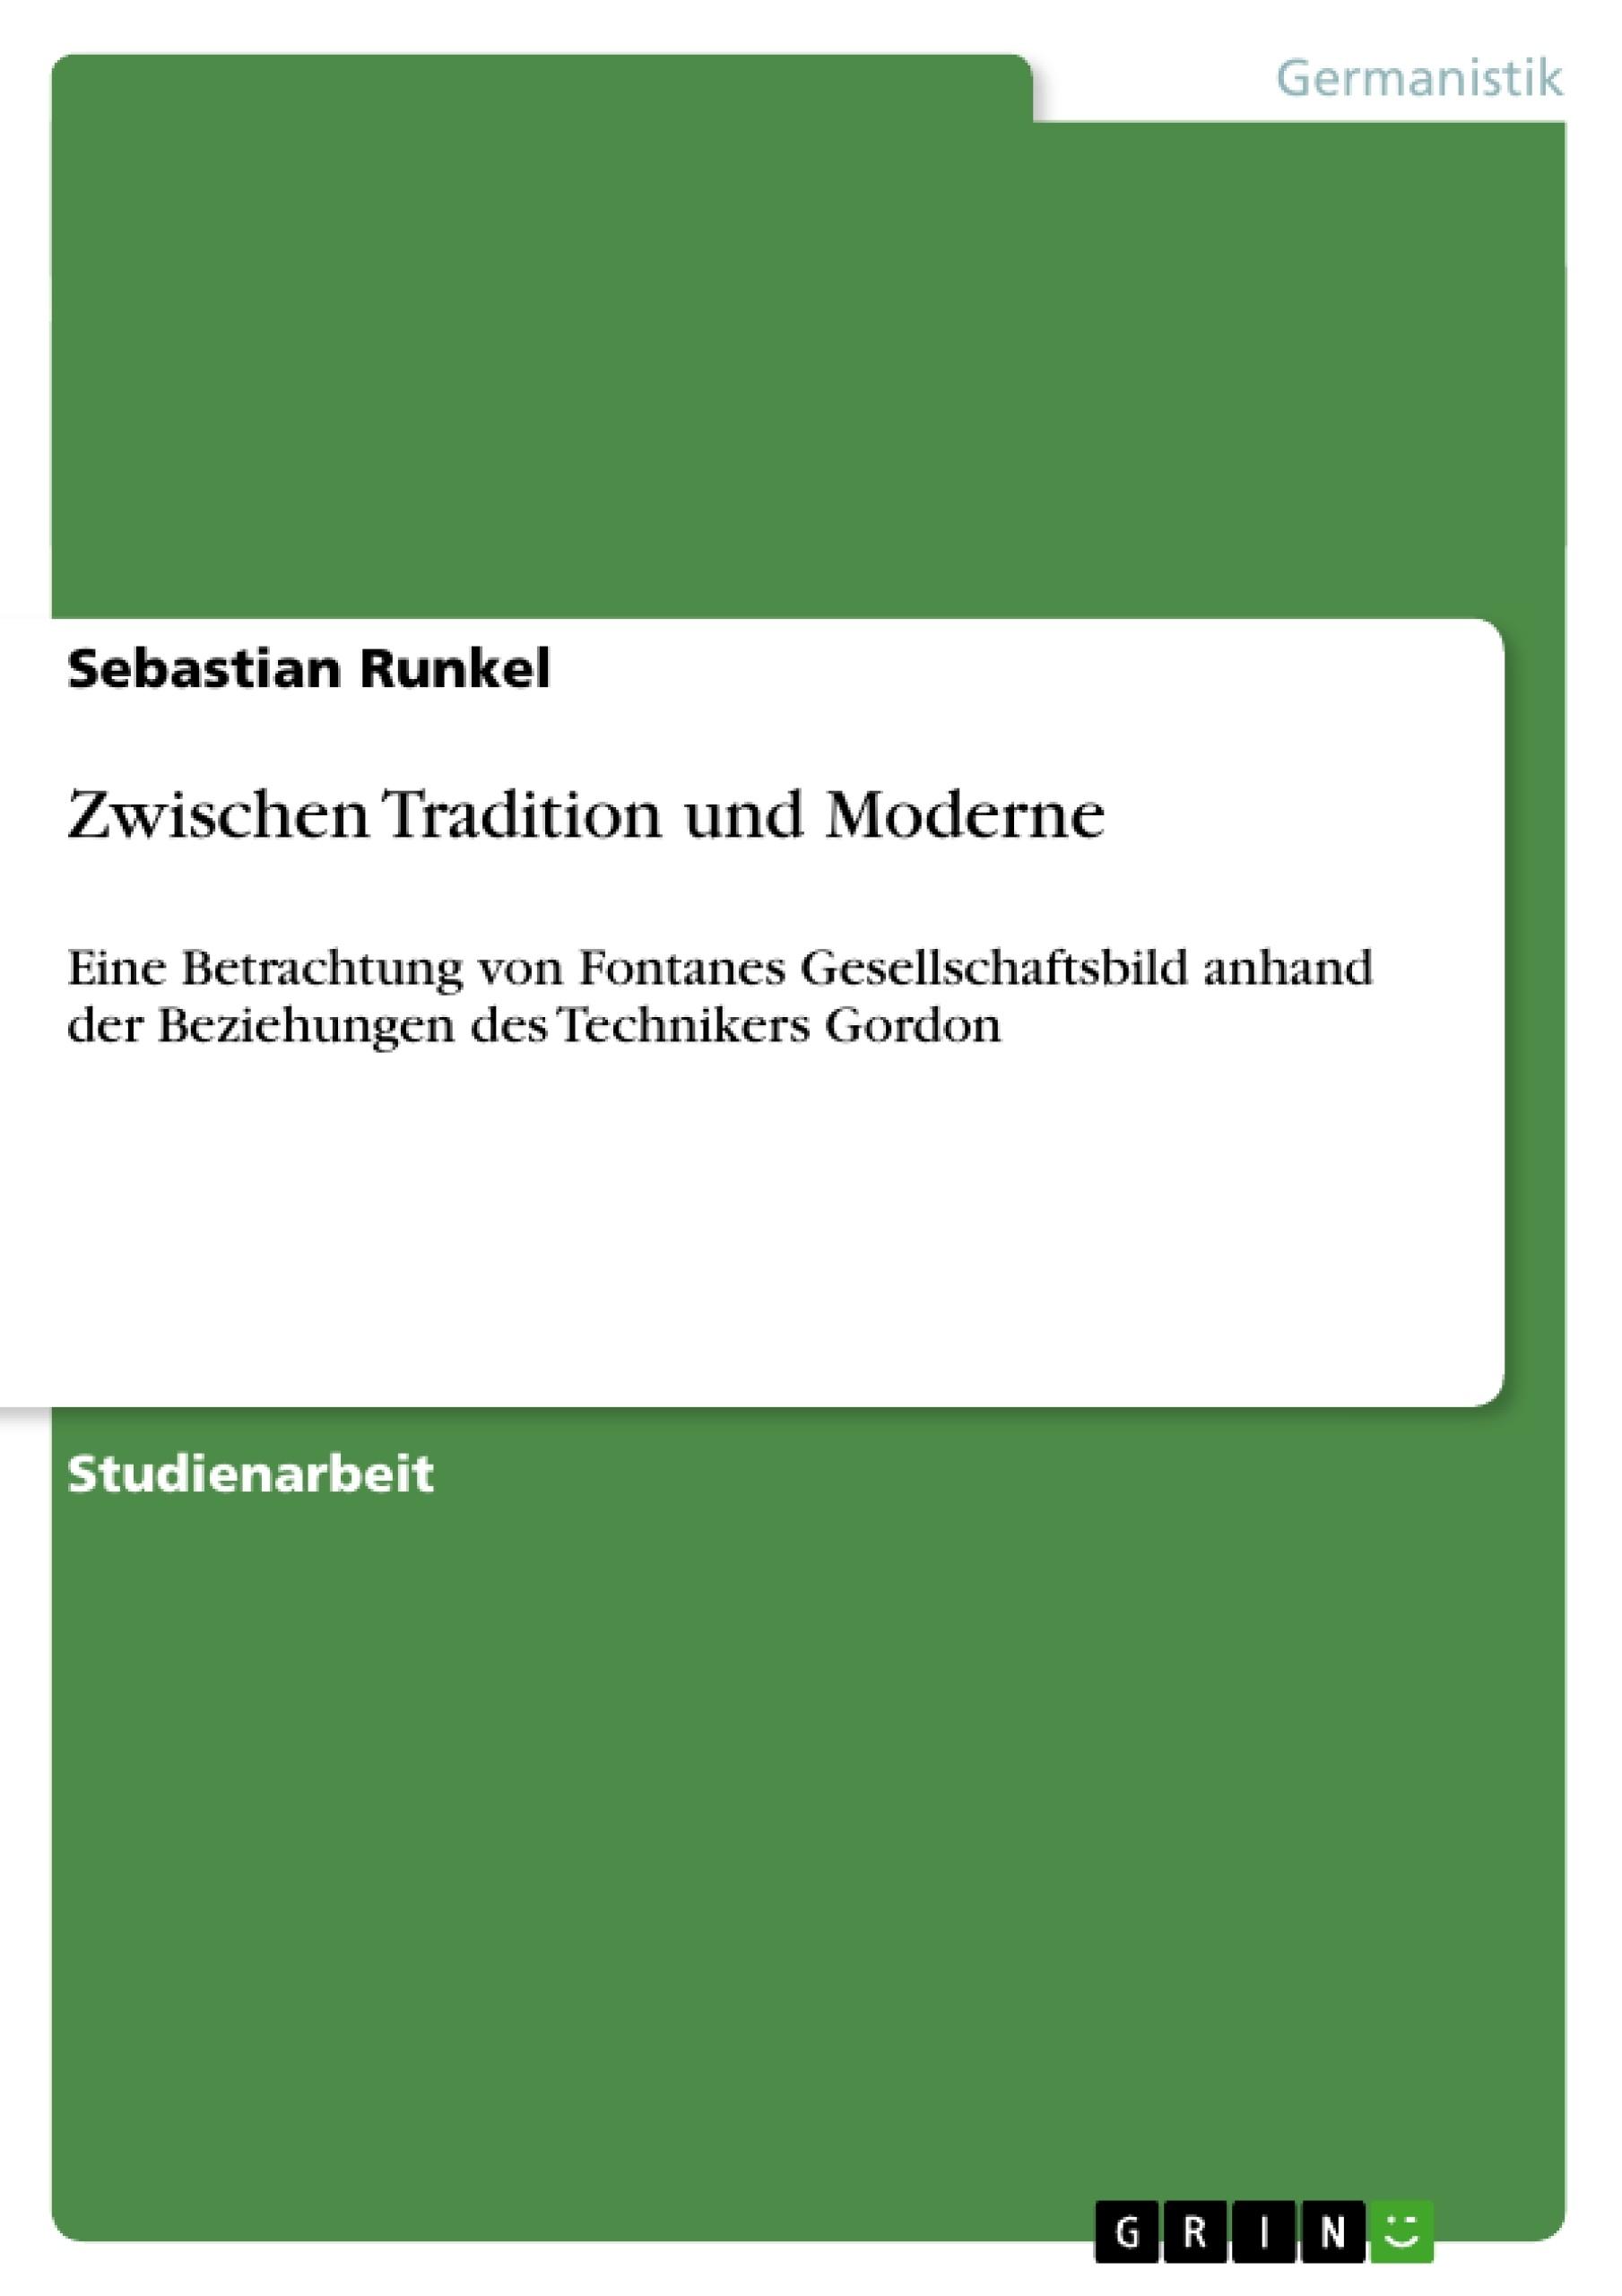 Titel: Zwischen Tradition und Moderne